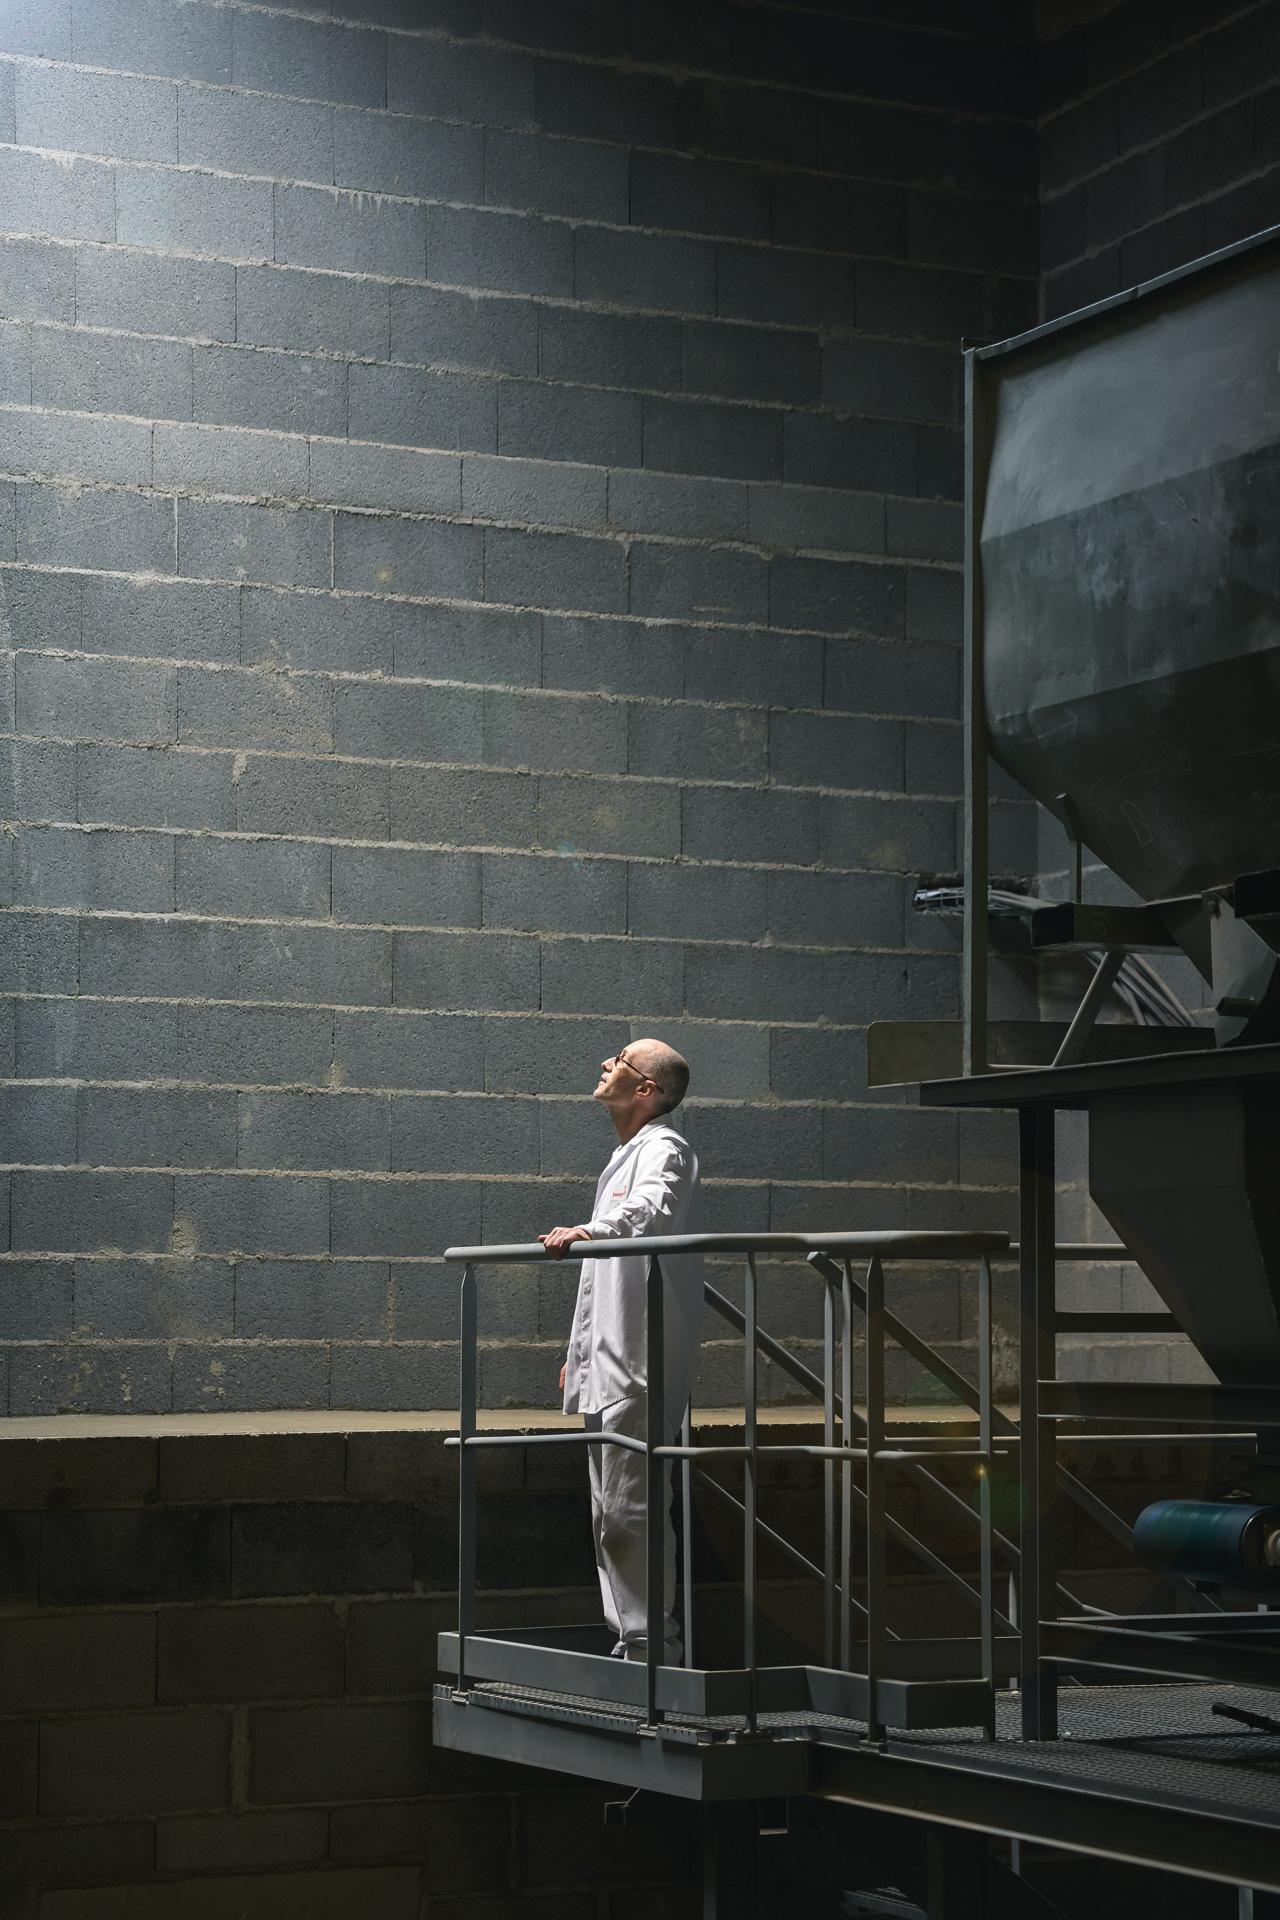 Aurélien AUDY - photographe LYON - shooting Sabarot entreprise 200 ans portraits d'employés salariés